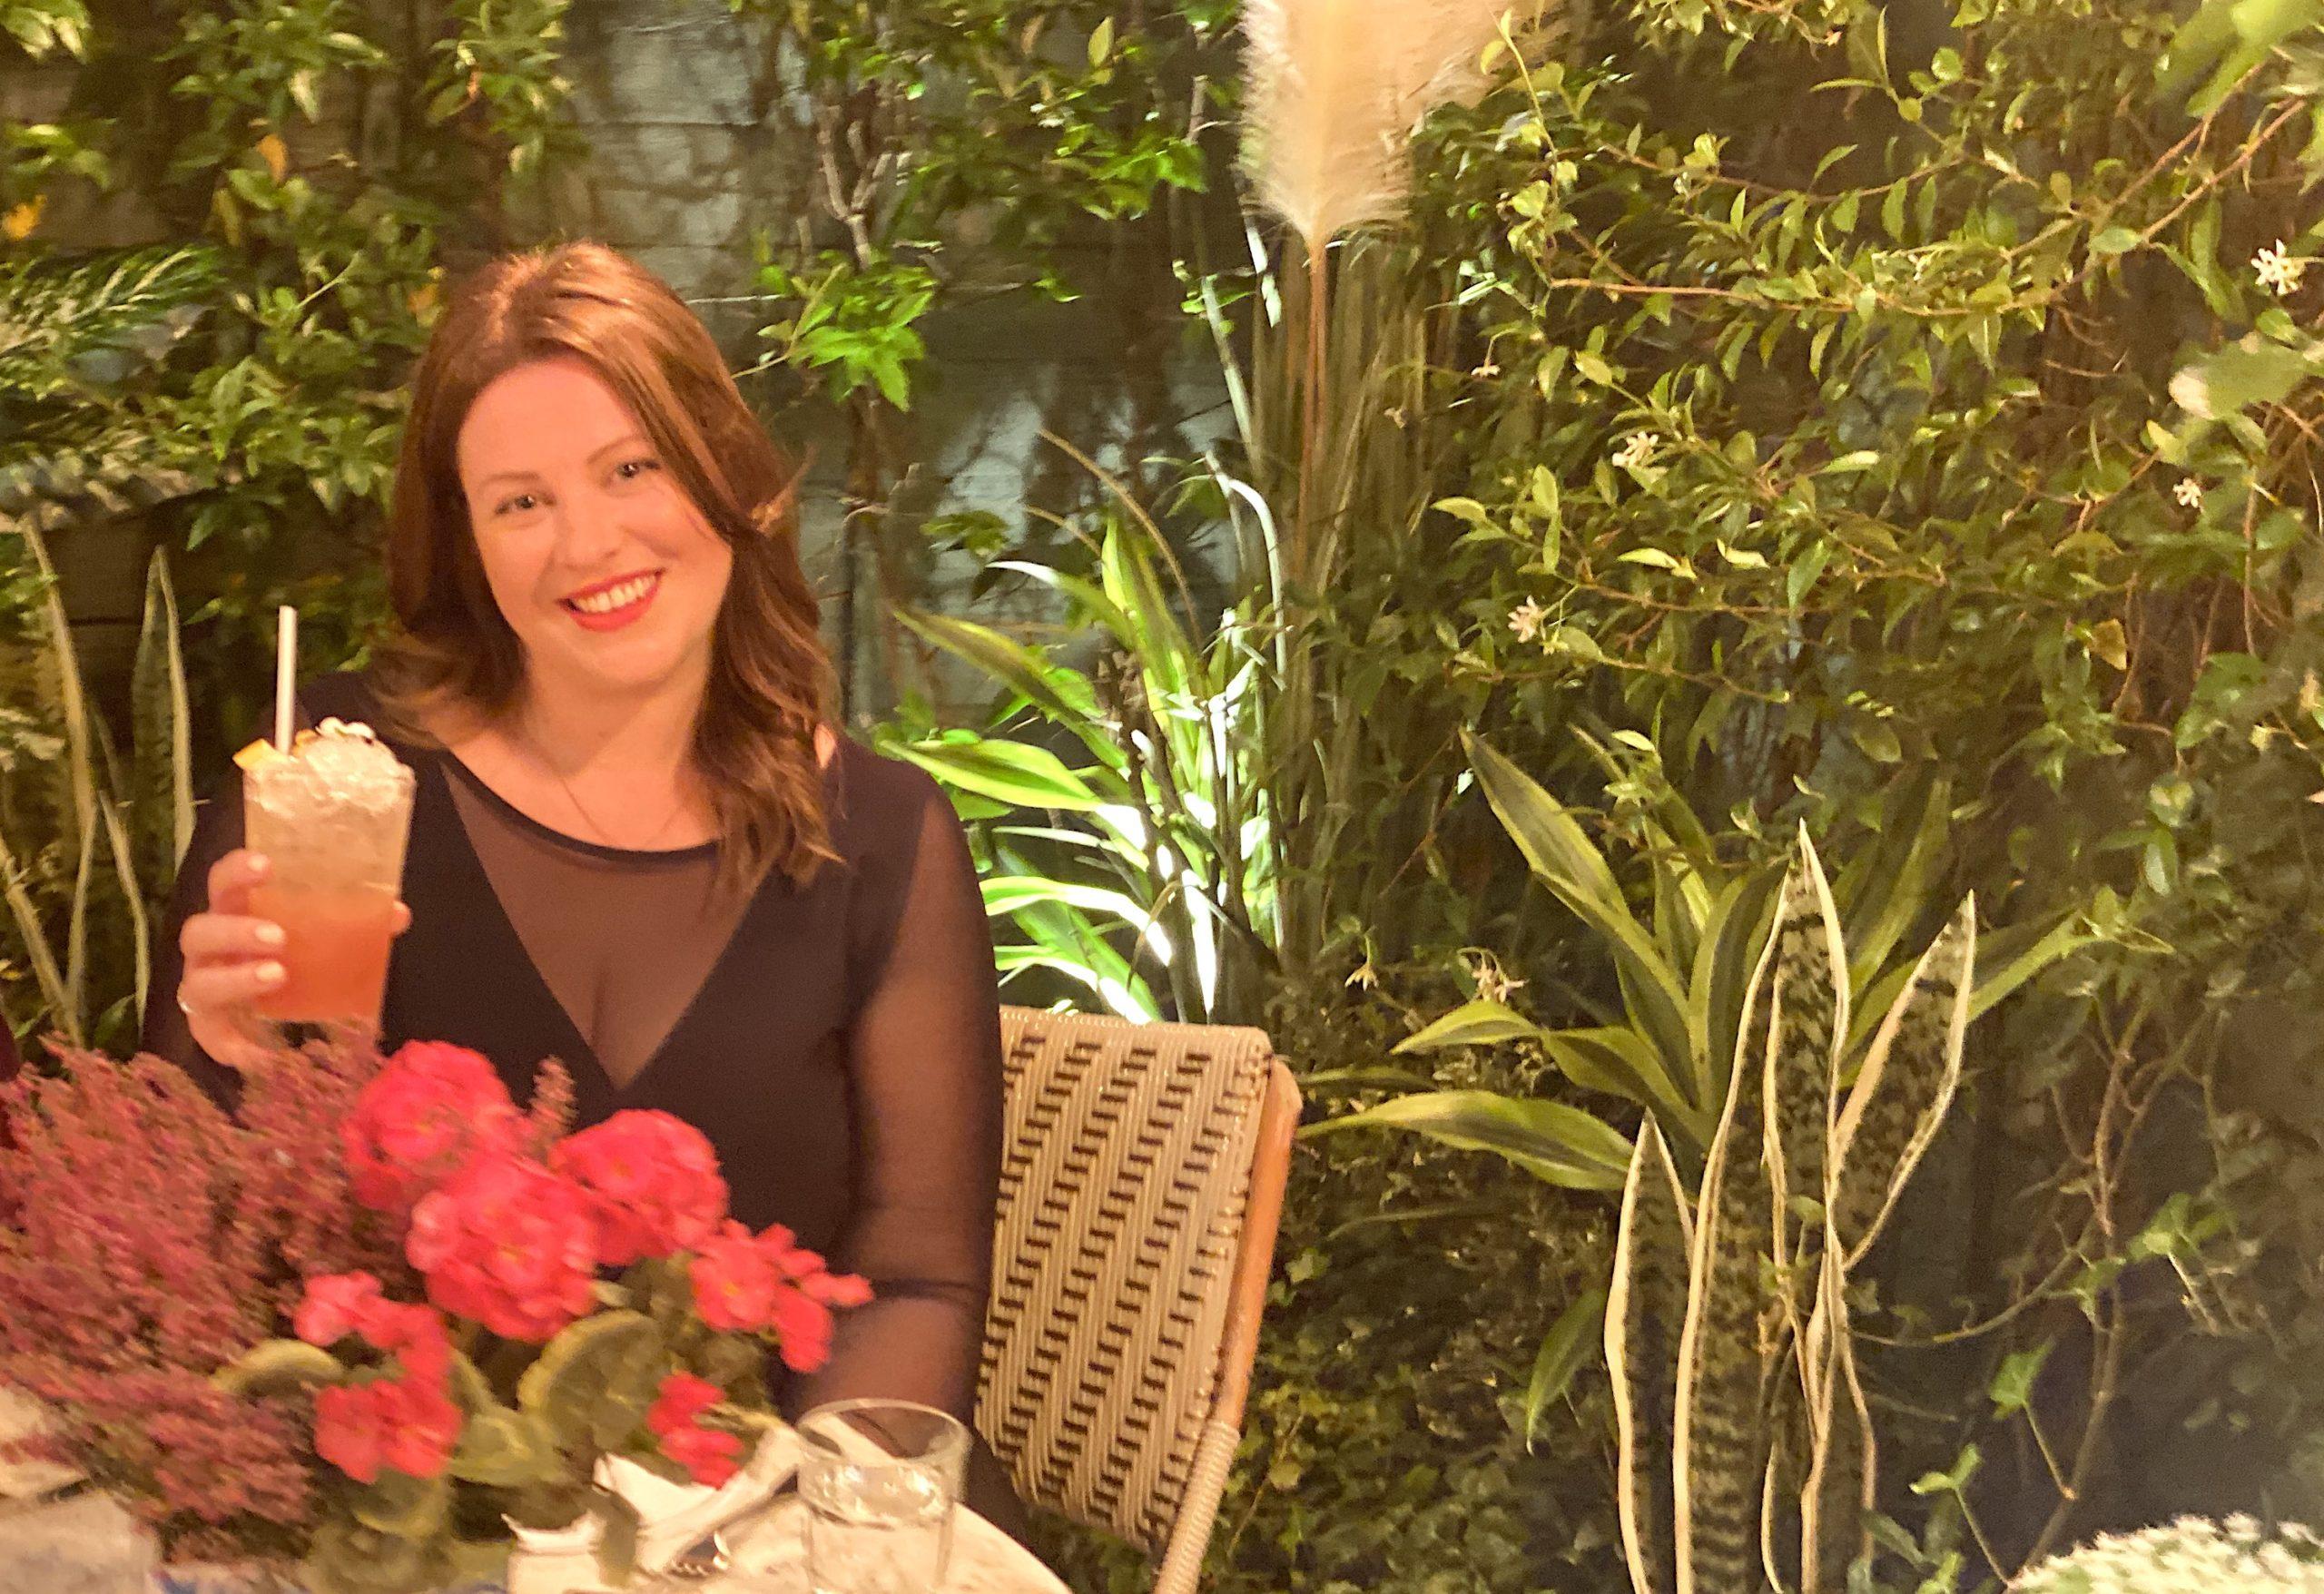 The Harrogate Girl The Ivy Harrogate Blogger Yorkshire